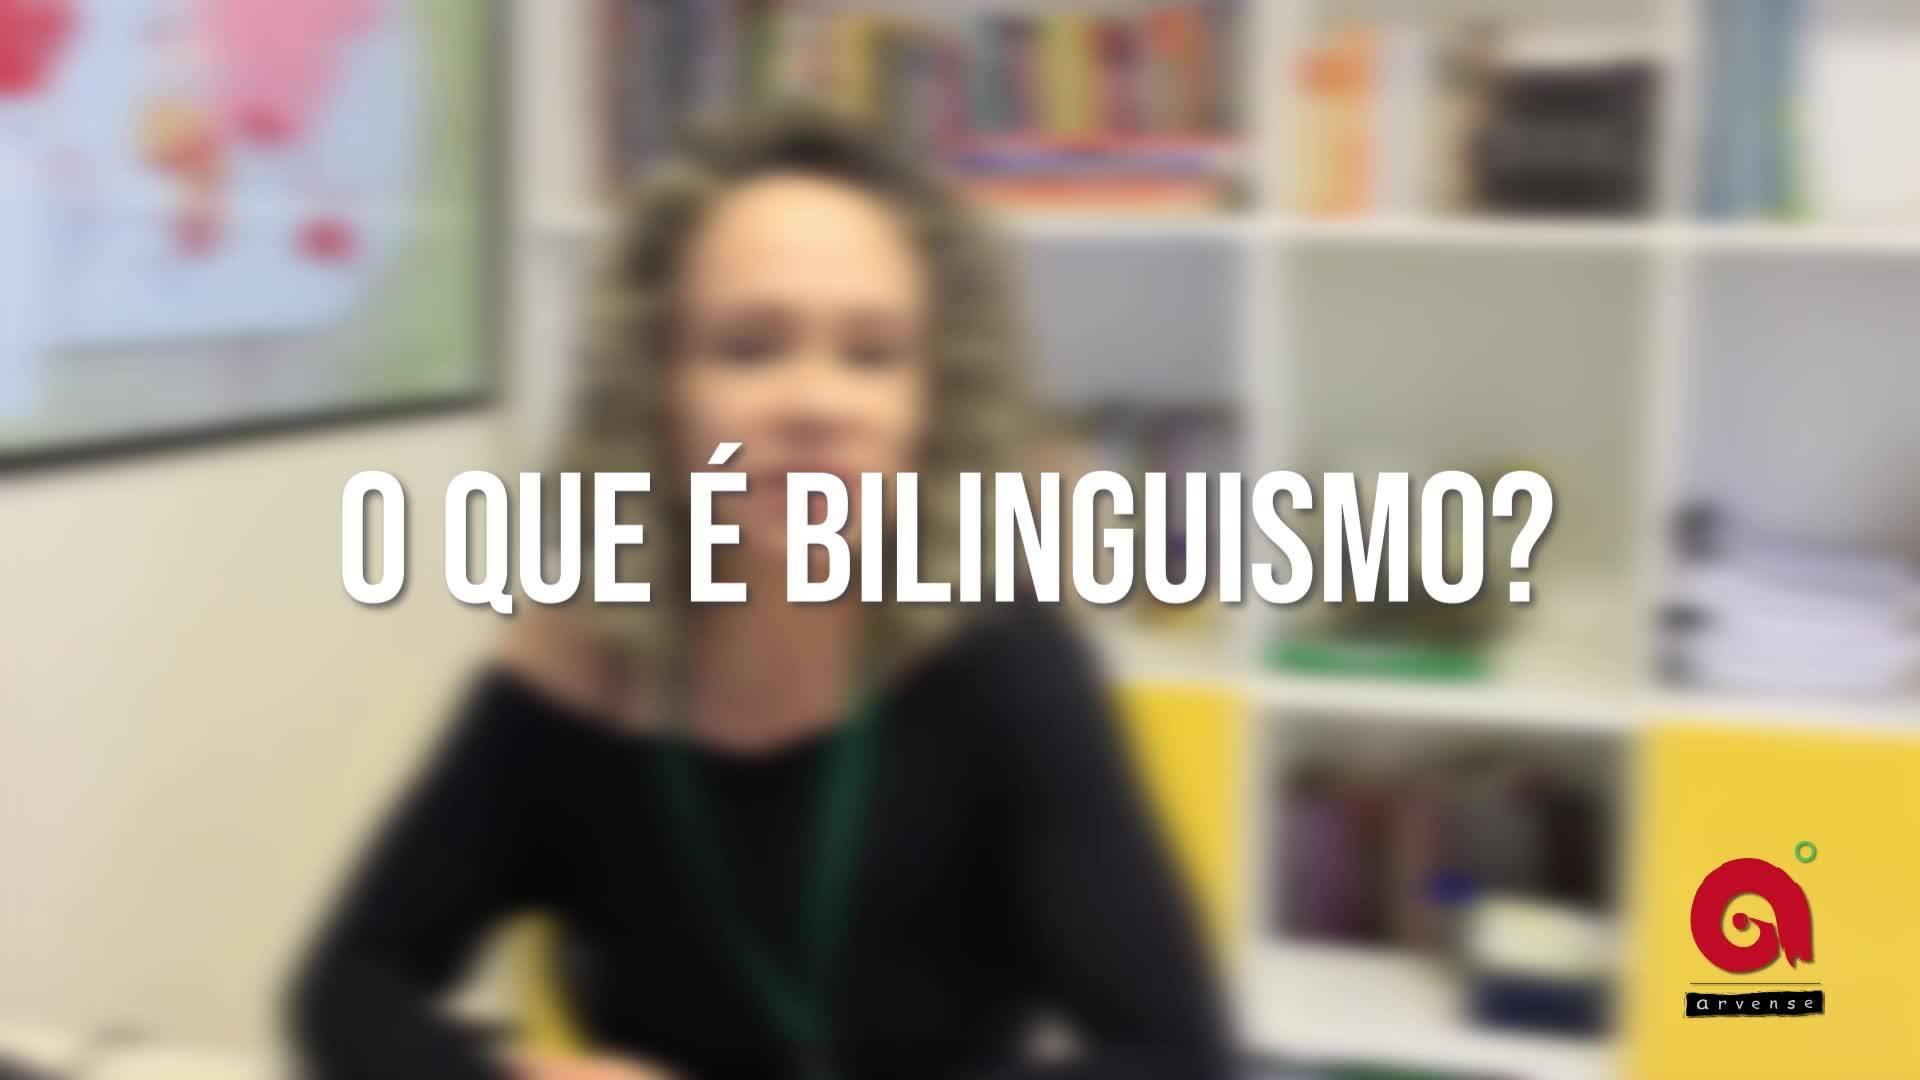 Você sabe do que é feito o pensamento? De linguagem! O bilinguismo faz a criança se comunicar melhor, pensar melhor, ver melhor.  Saiba mais sobre o Arvense: https://bit.ly/2QCFCDM (link direto na bio)